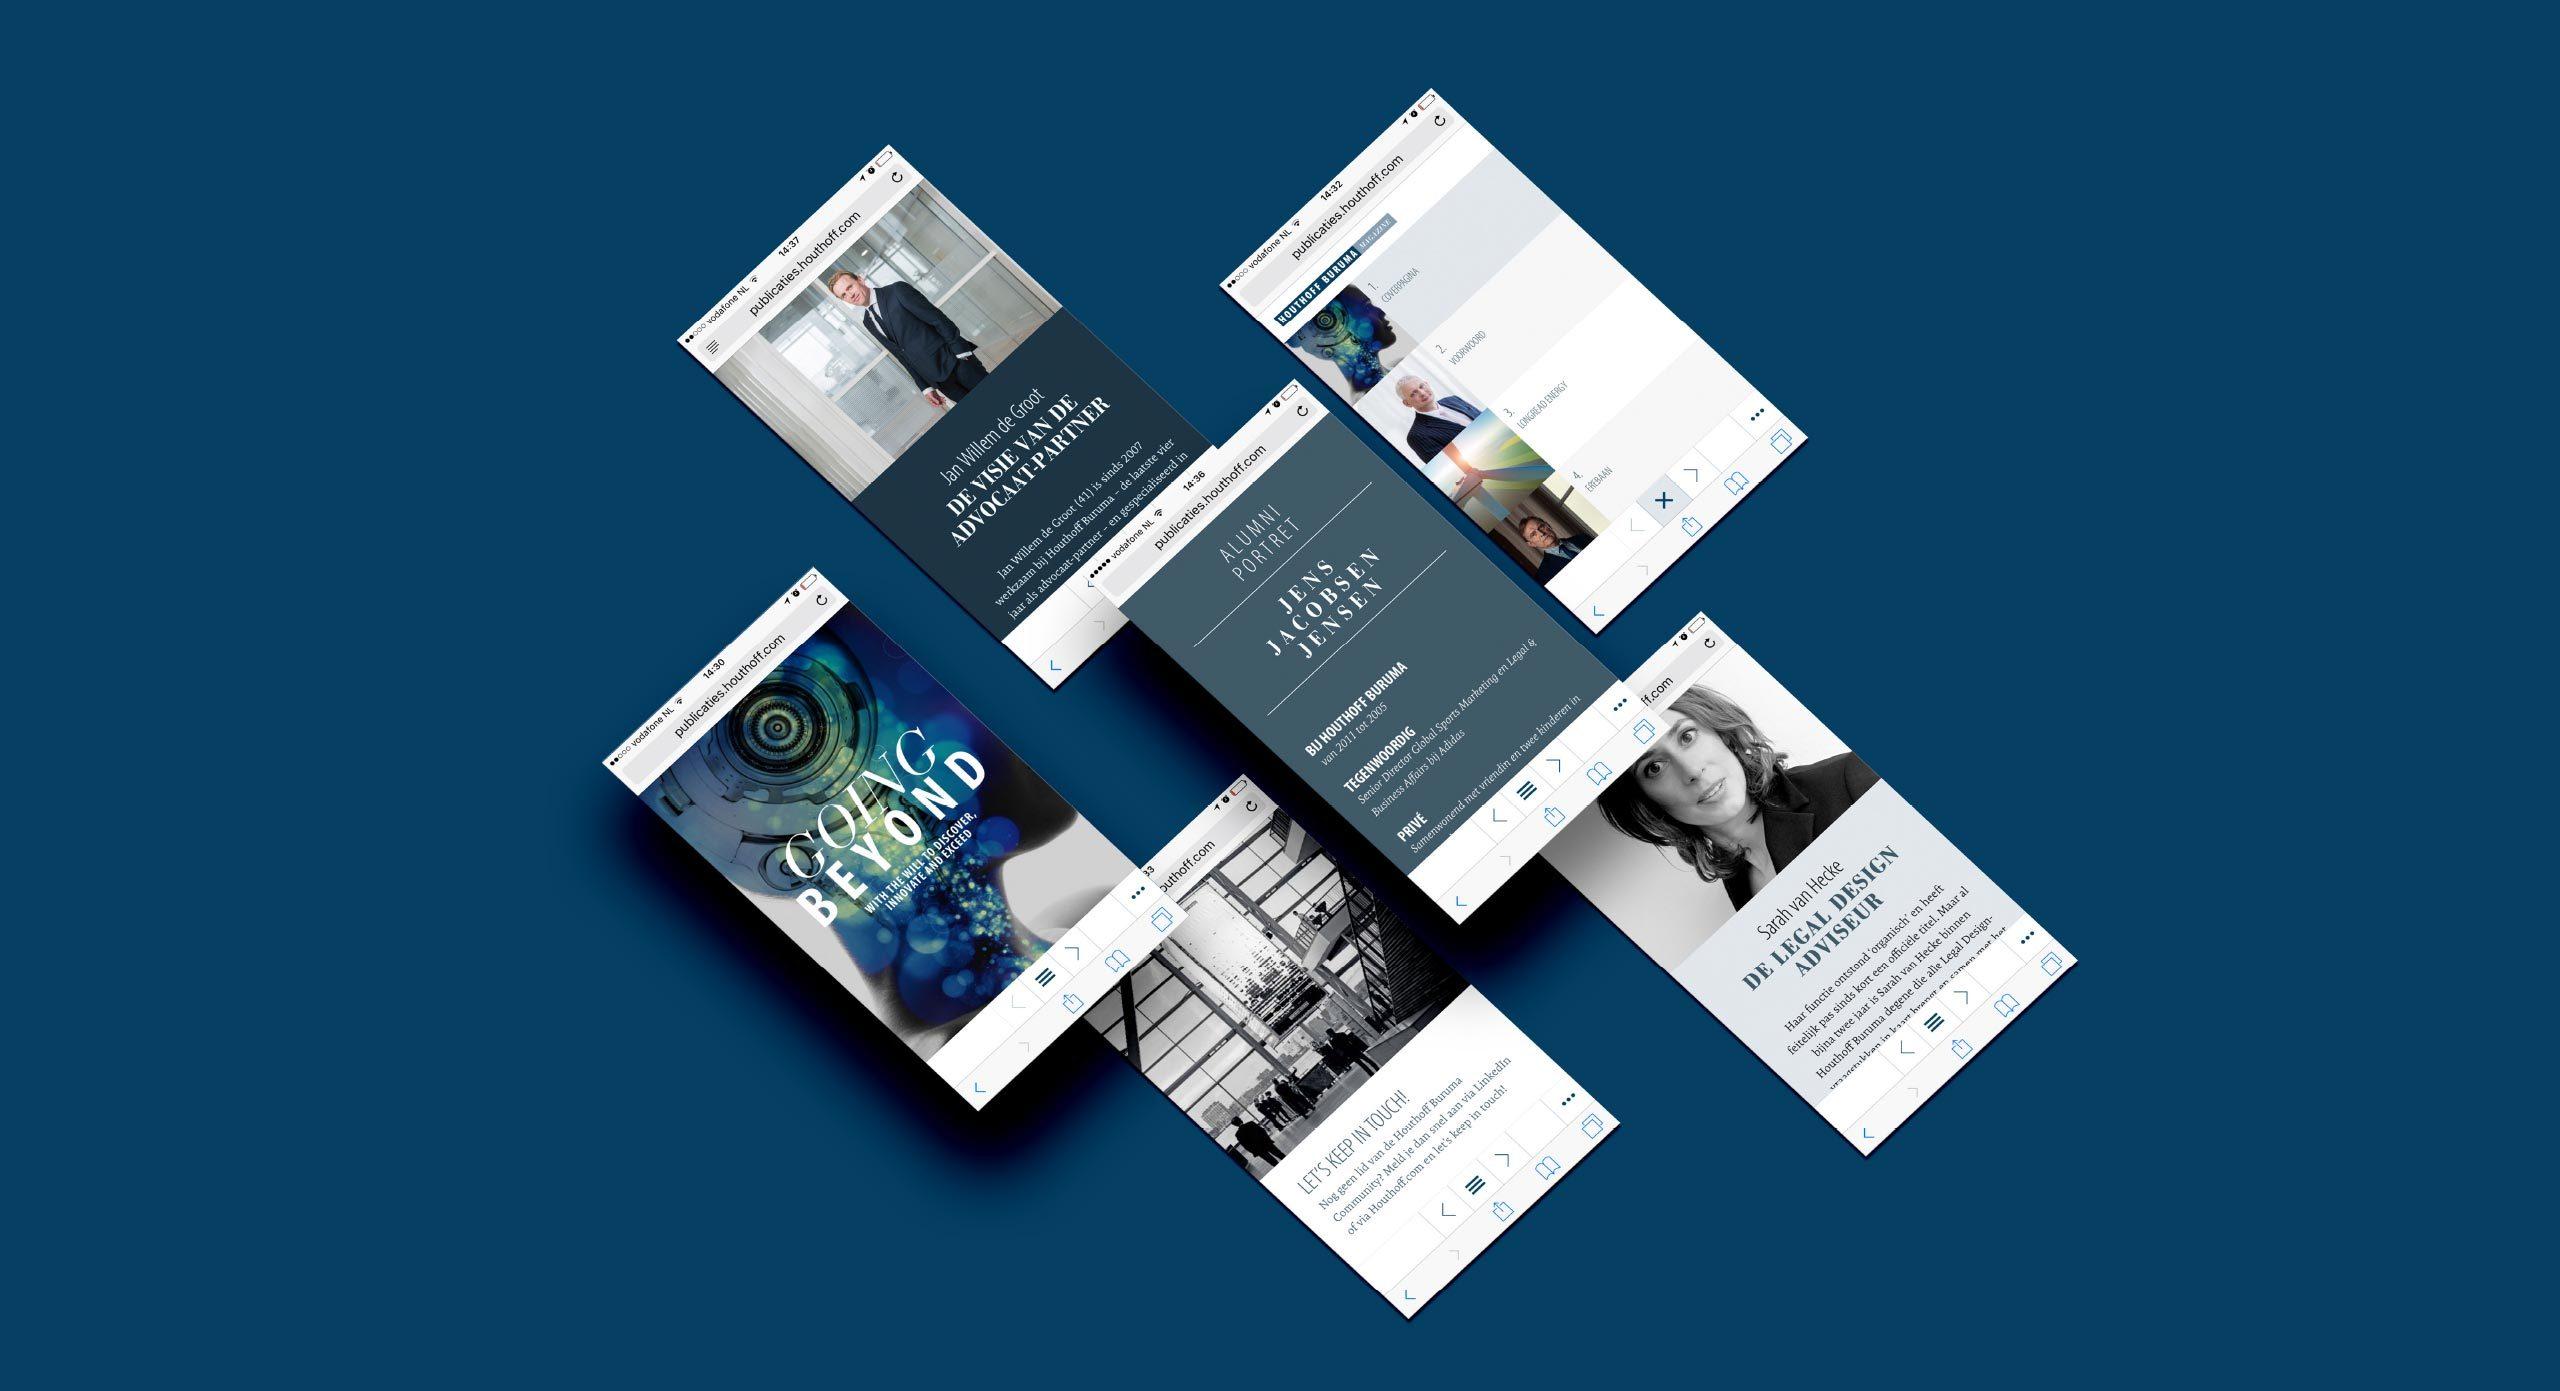 Responsive-online-magazine-alumni-houthoff-buruma-digitaal-dutchgiraffe-2017-mobiel